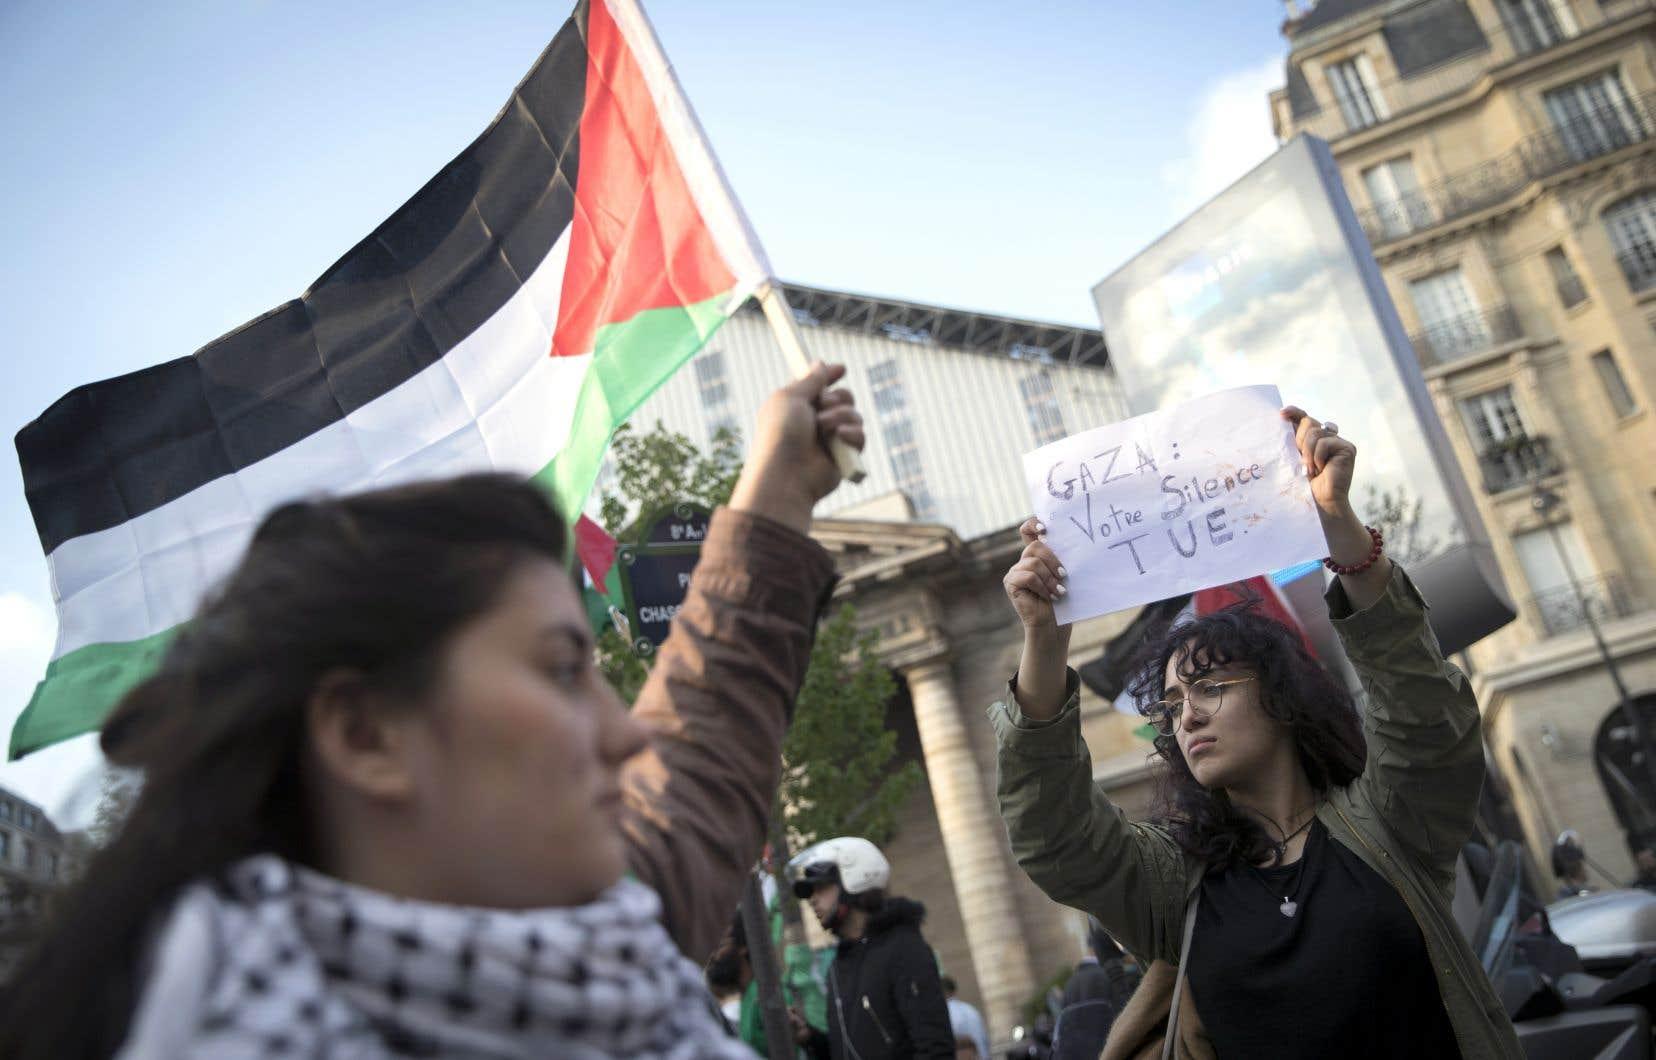 À Paris comme ailleurs, des manifestants ont dénoncé mardi la réponse israélienne aux protestations à Gaza.